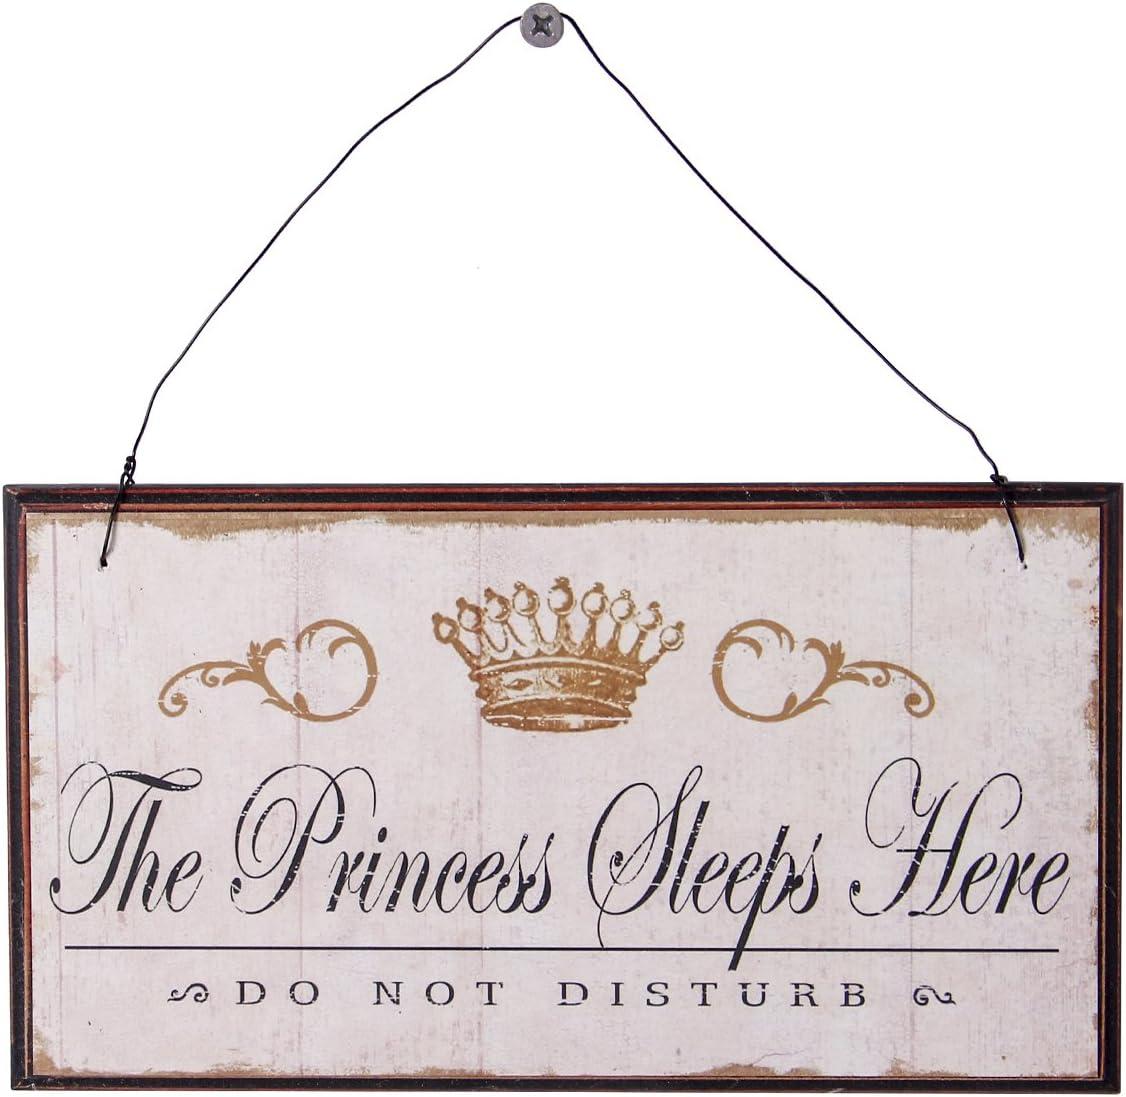 NIKKY HOME Vintage Targa Decorazione in Legno Murale Per Casa Negozio 21x11cm Slogan The princess sleep here Do not disturb